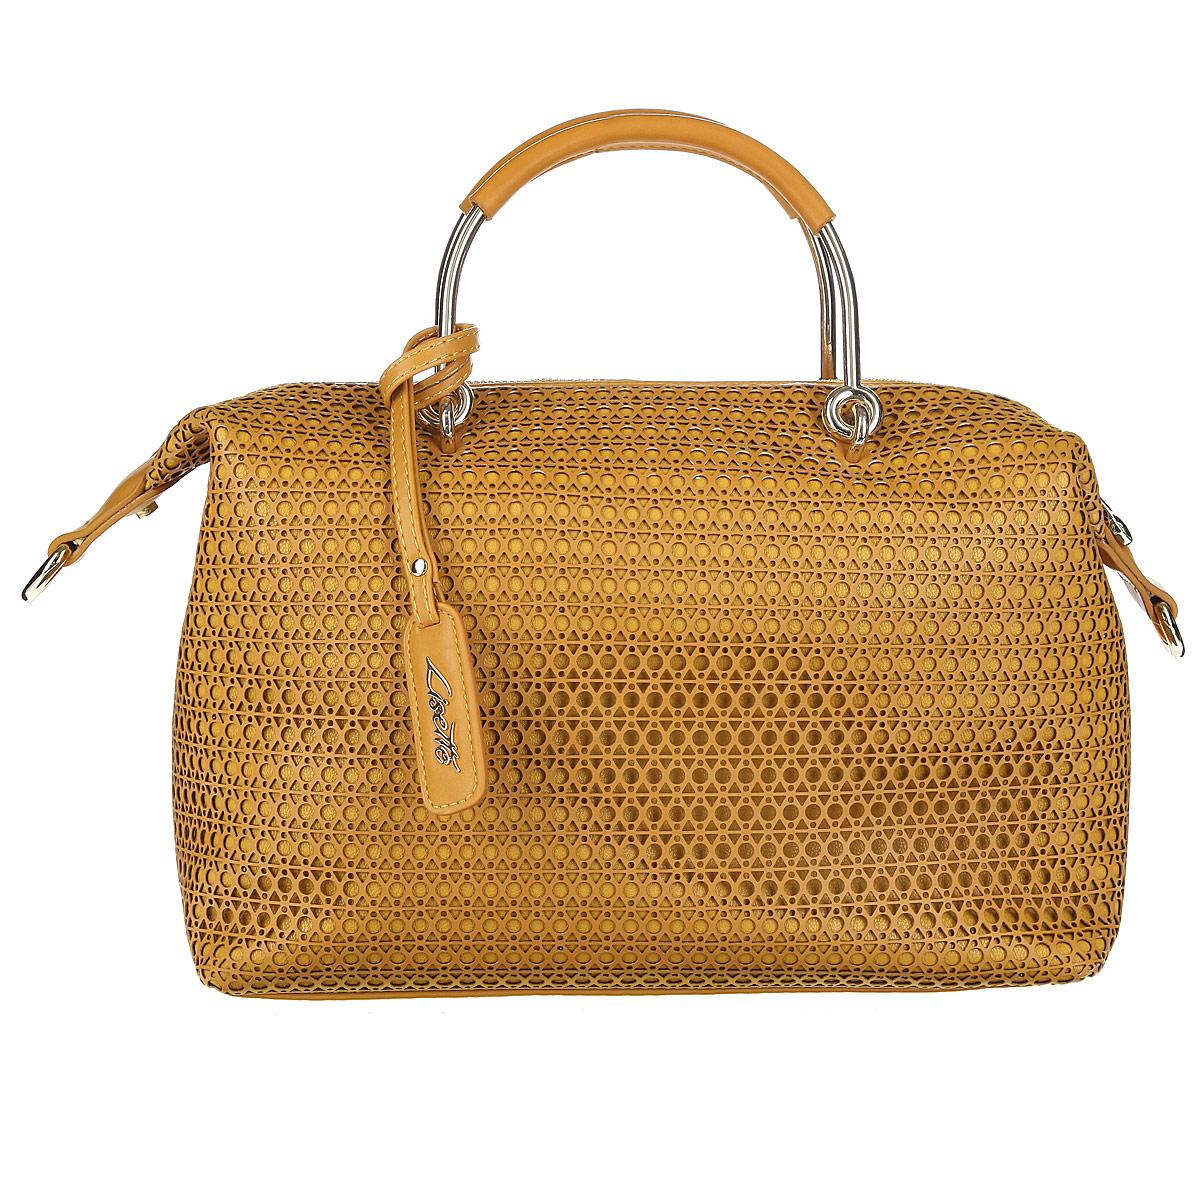 Сумка женская Lisette, цвет: коричневый. 12-R38215B12-R38215BСтильная и необычная сумка из коллекции Lisette выполнена из высококачественной искусственной перфорированной кожи. Сумка имеет одно отделение, закрывающееся на молнию. Внутри есть врезной карман на застежке-молнии, накладной кармашек для мелочей и накладной карман для телефона, закрывающийся на клапан. Две металлические ручки обтянуты искусственной кожей и крепятся на металлическую фурнитуру. Сумка дополнена брелоком на ремешке с логотипом бренда. В комплекте съемный плечевой ремень регулируемой длины. В комплекте чехол для хранения. Сумка - это стильный аксессуар, который подчеркнет вашу изысканность и индивидуальность и сделает ваш образ завершенным. Изысканный декор, стильная фурнитура, классическая форма в сочетании с вместительностью и удобством делают эту модель прекрасным дополнением к вашему образу.